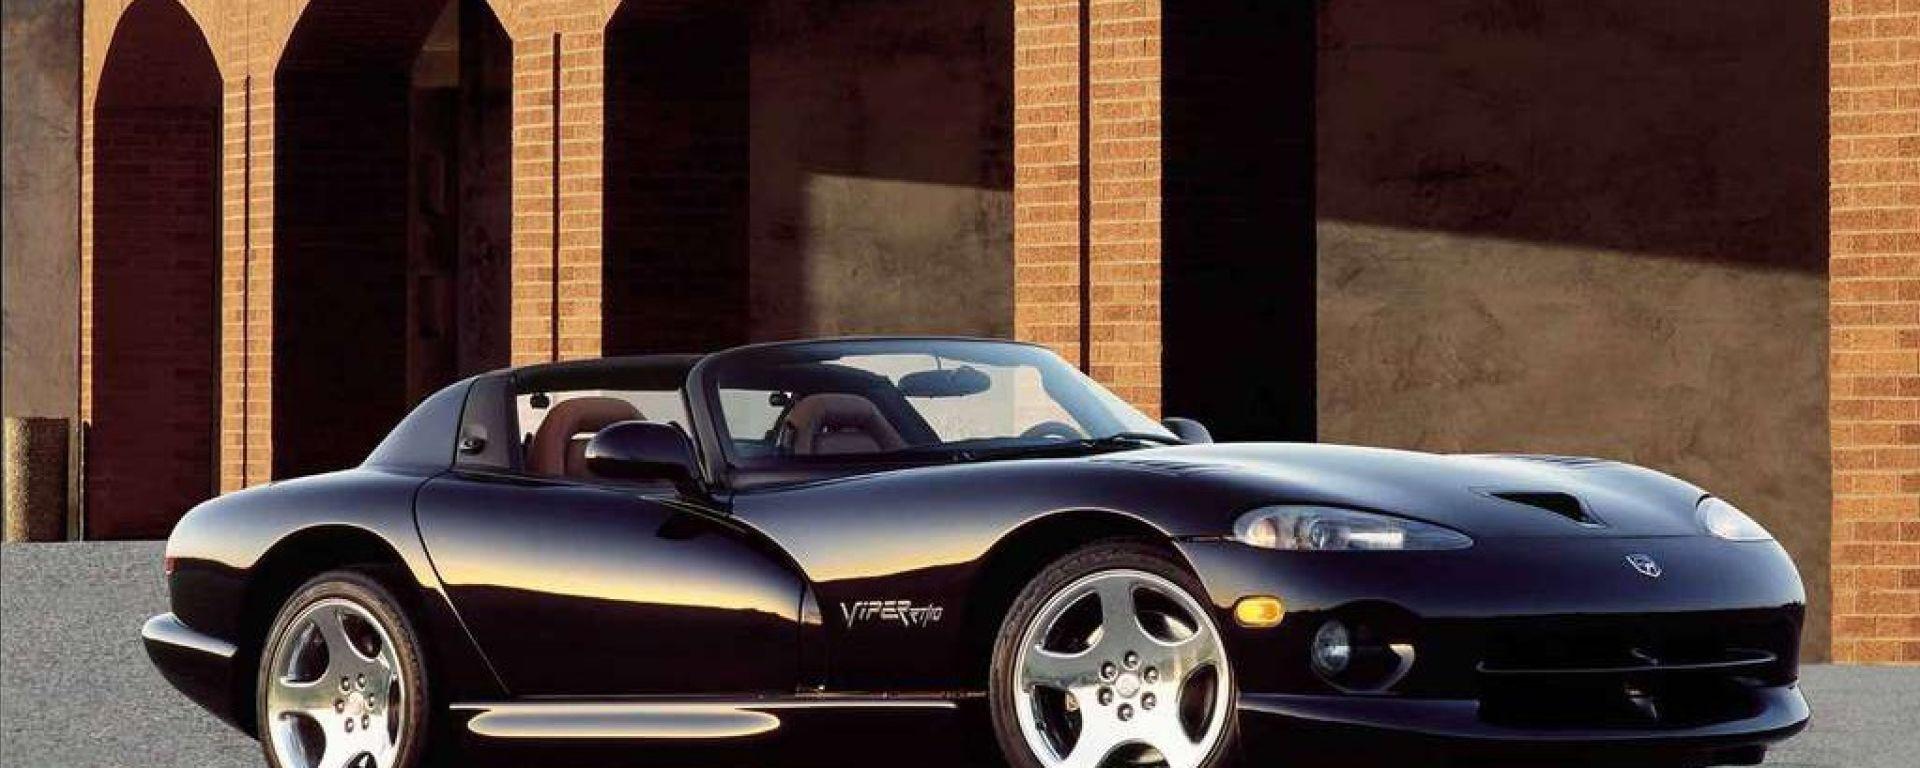 Chrysler Viper 2003